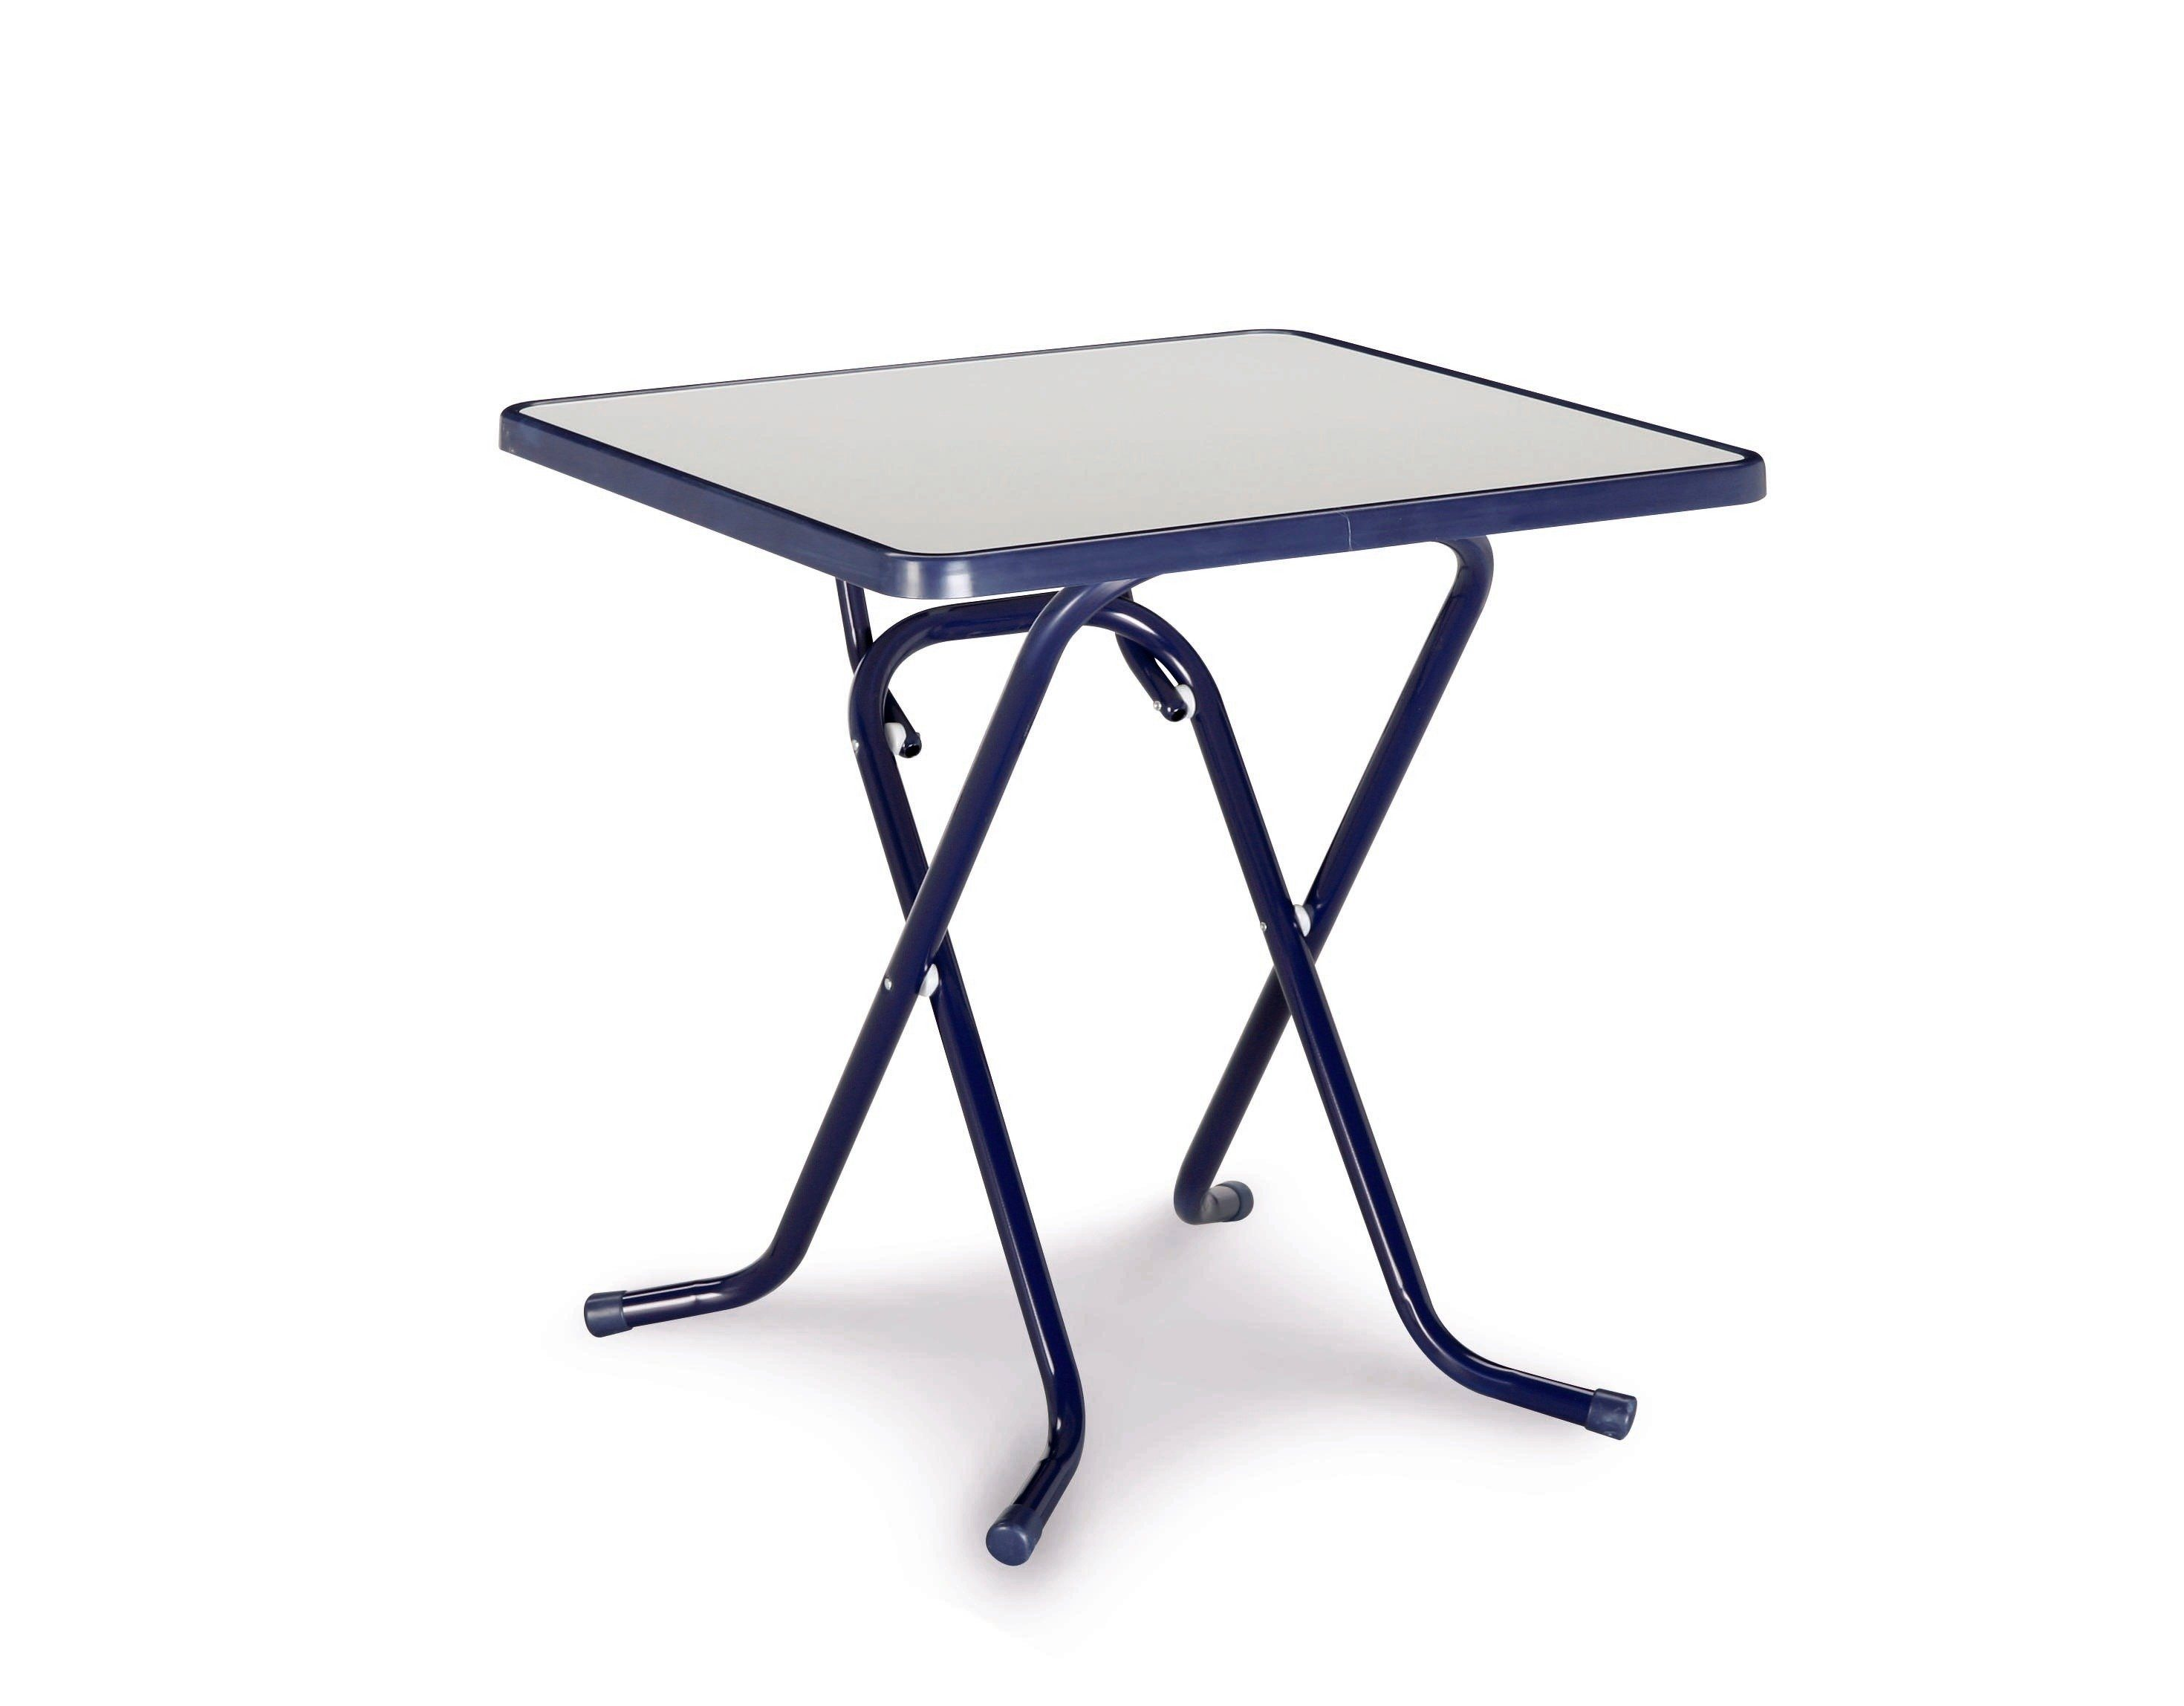 BEST Gartentisch »Primo«, Stahl/Kunststoff, klappbar, 67x67 cm, blau